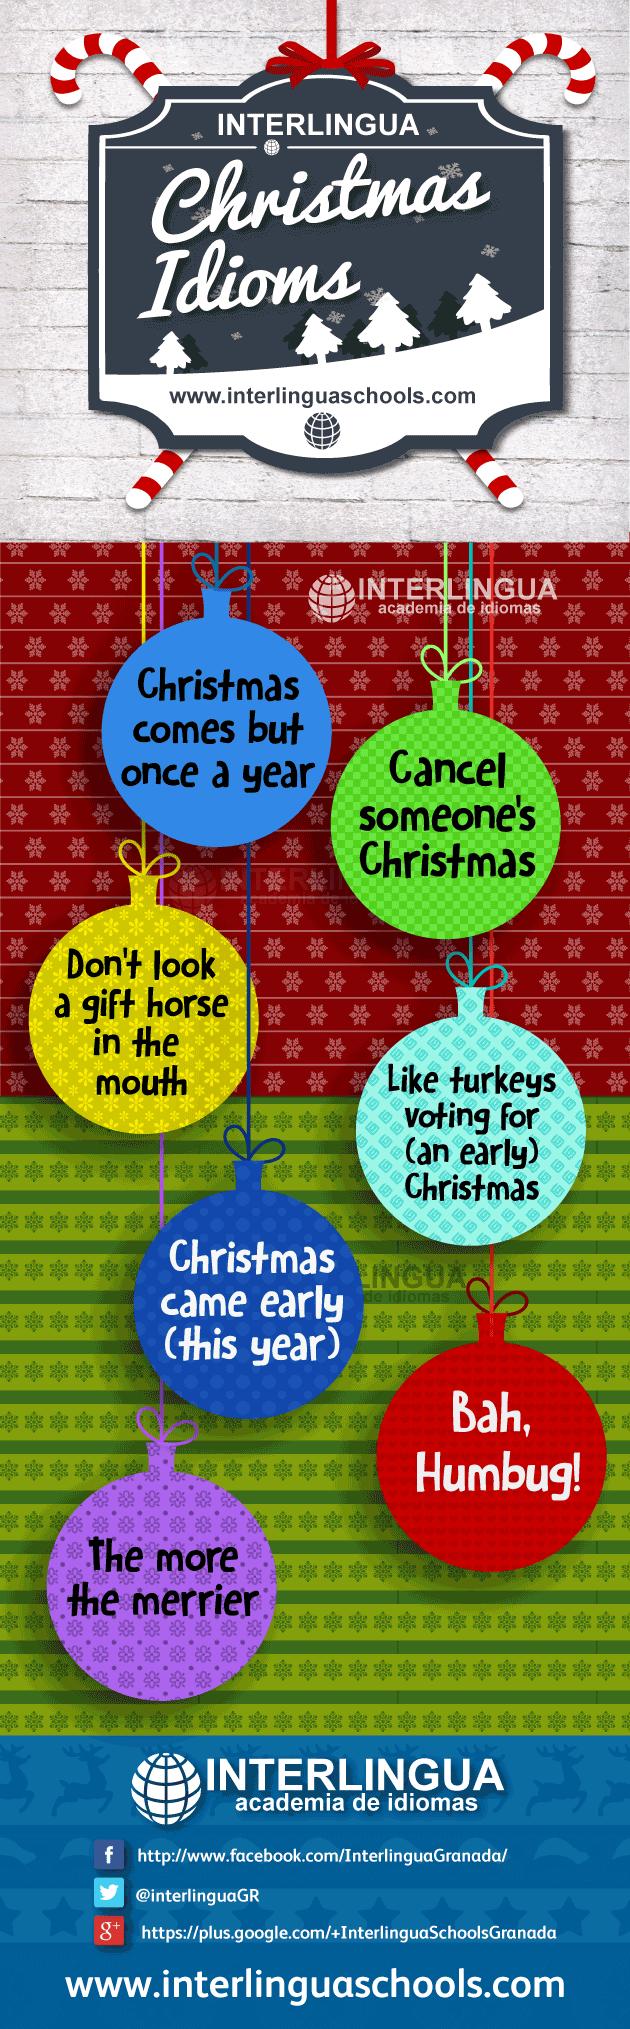 christmas idioms english - Christmas Idioms